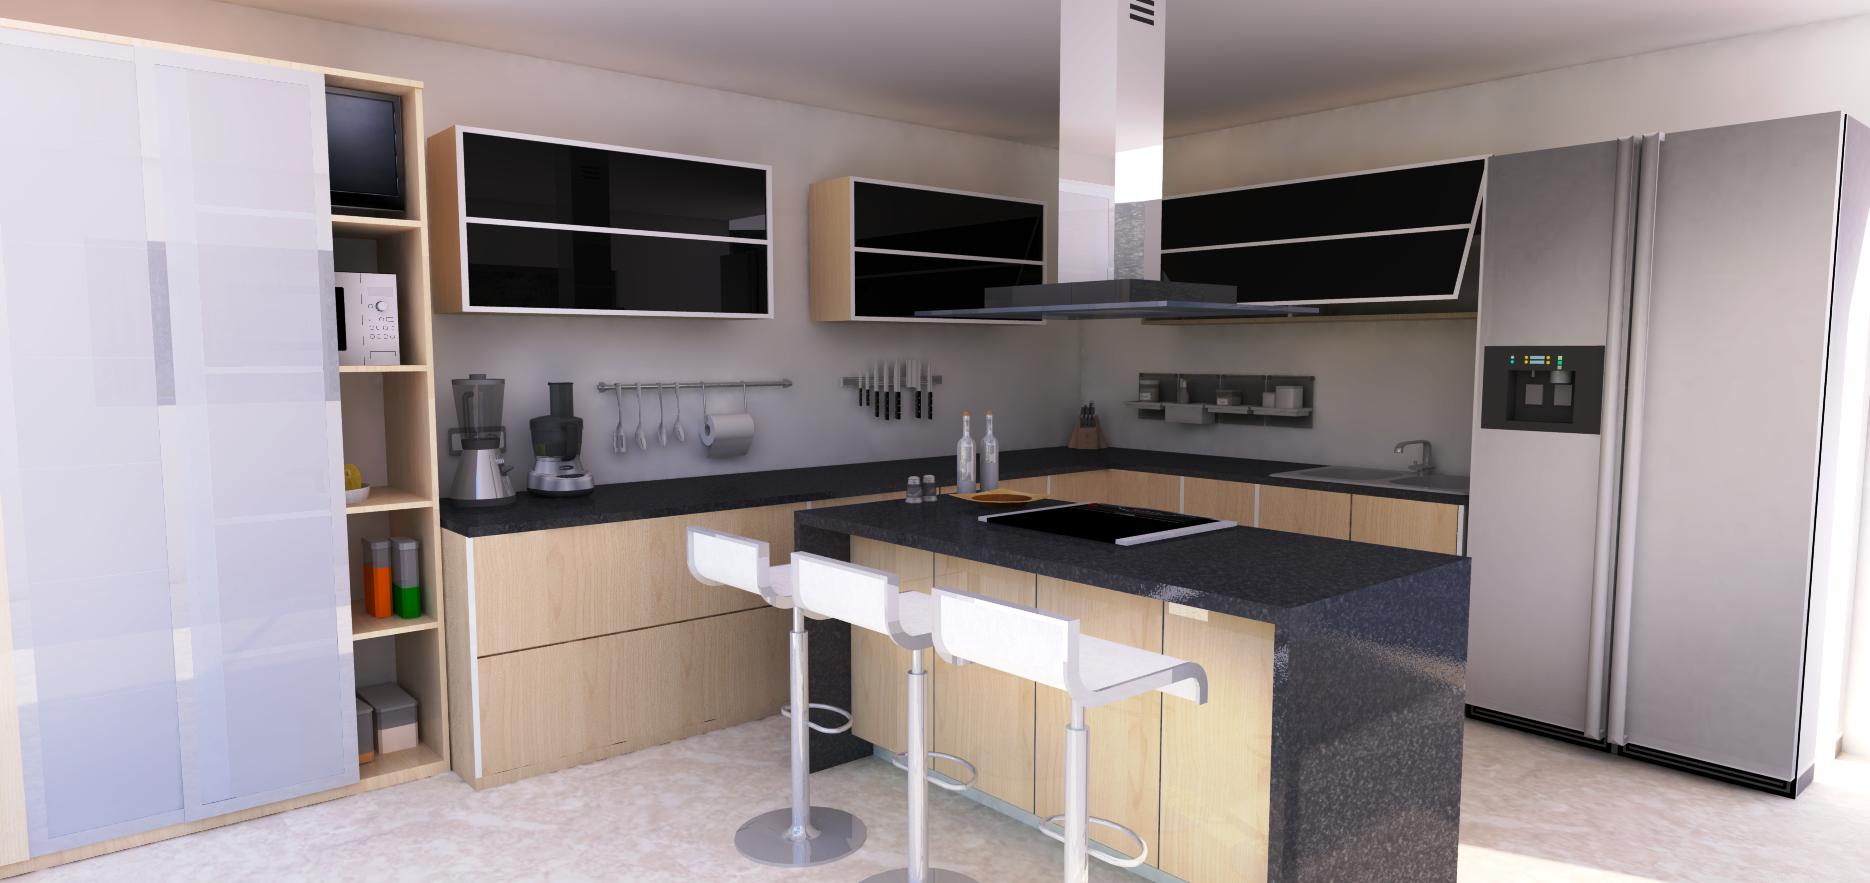 Muebles de cocina 02